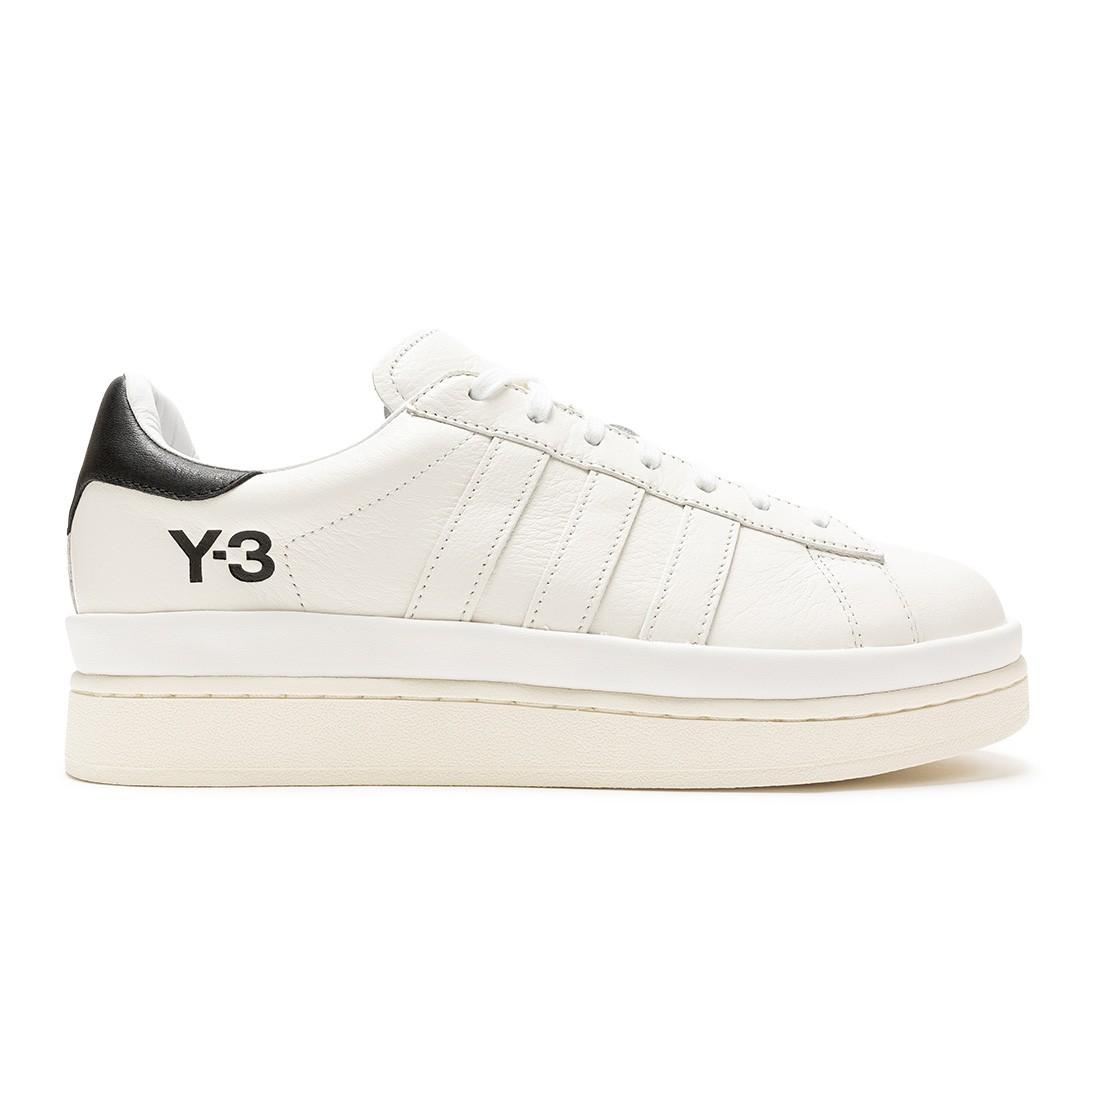 Adidas Y-3 Men Hicho (white / black / off white)